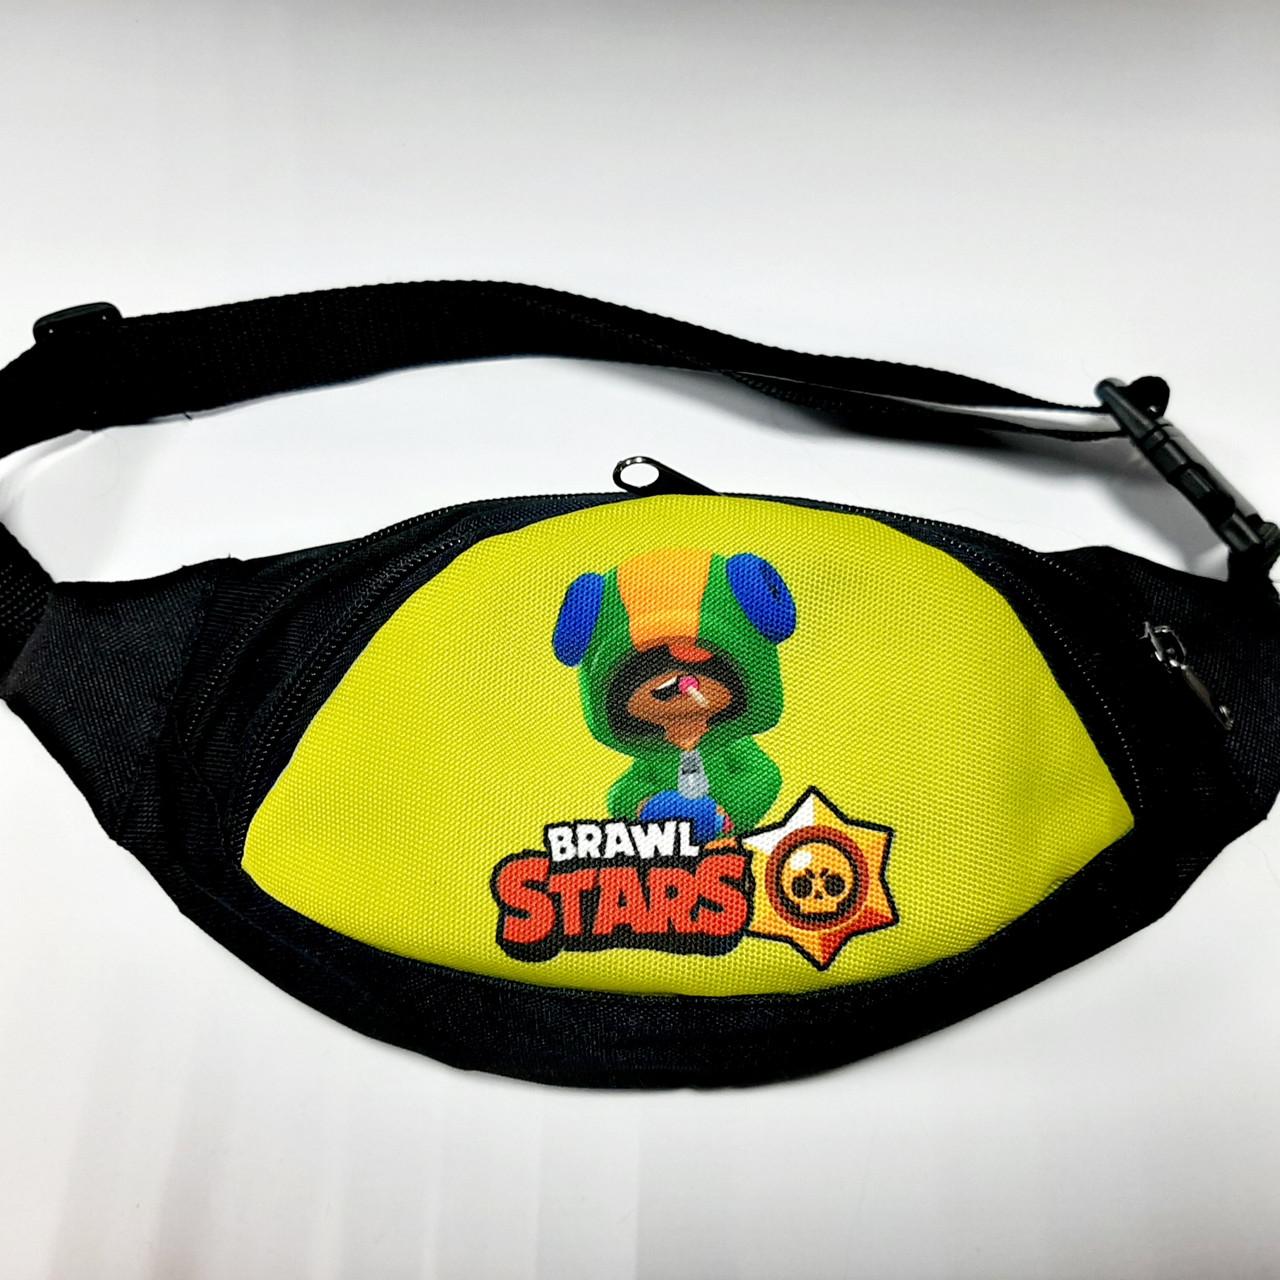 Поясная детская сумка бананка Brawl Stars